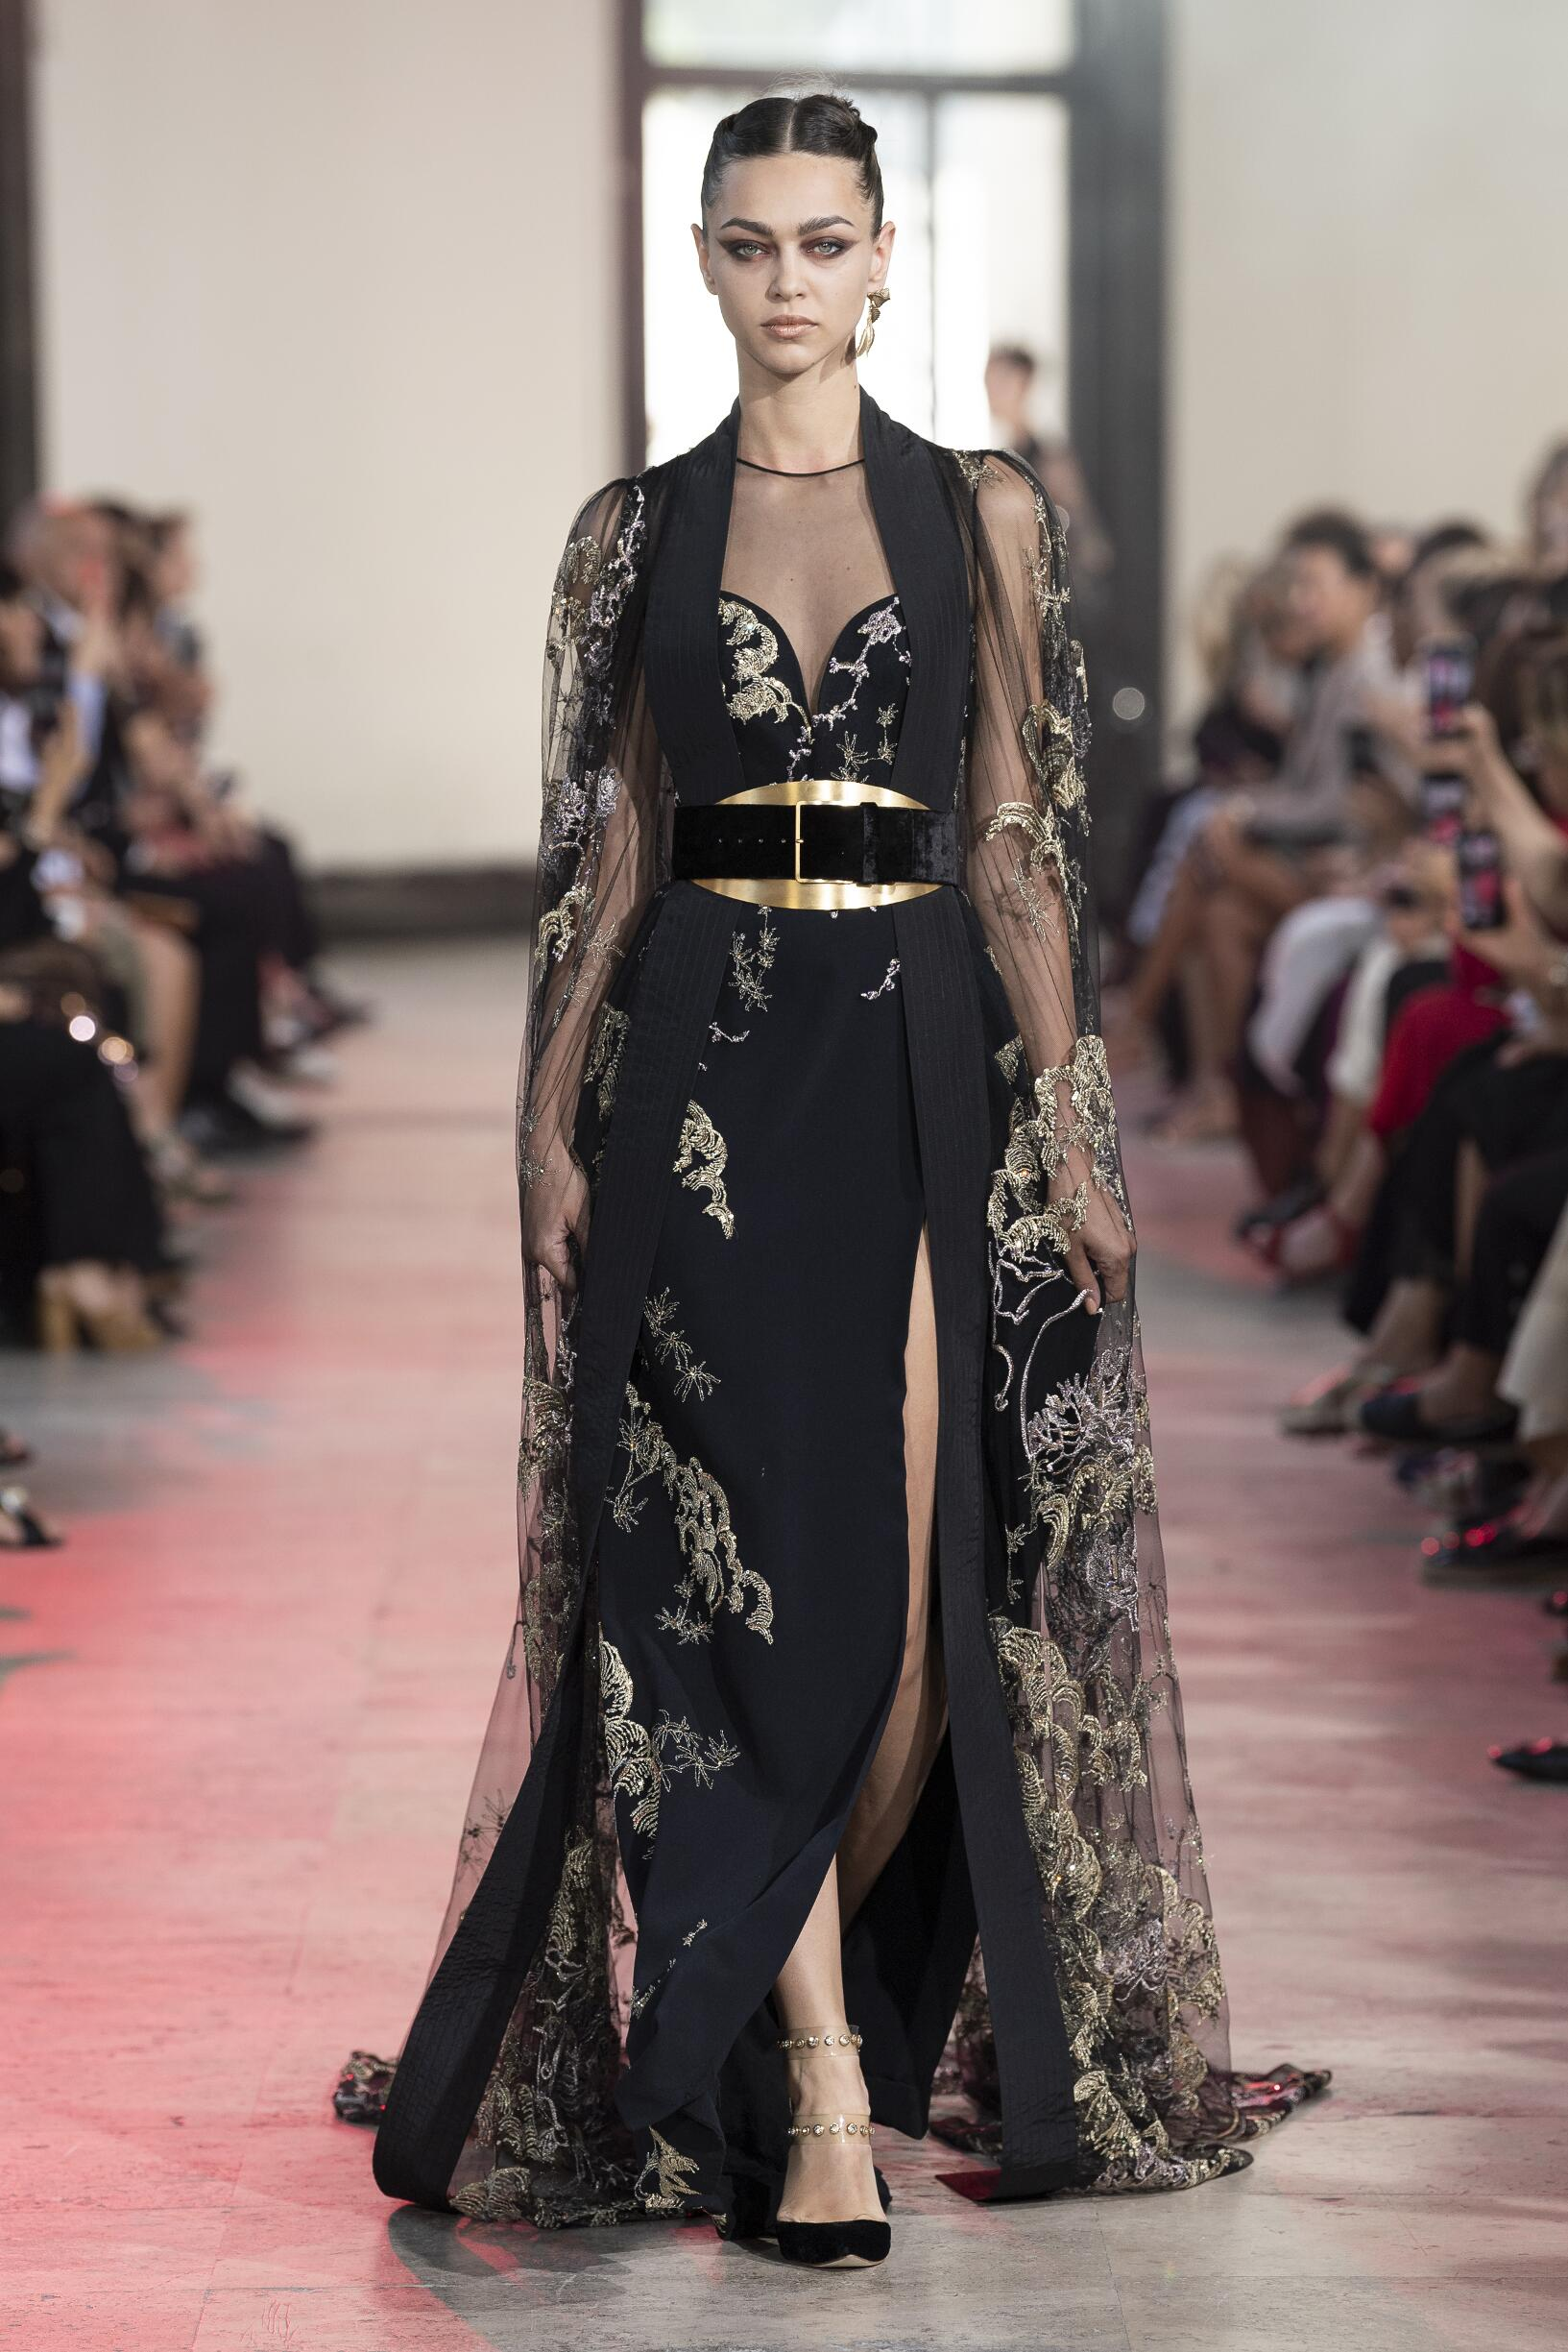 Fashion Show Woman Model Elie Saab Haute Couture Catwalk